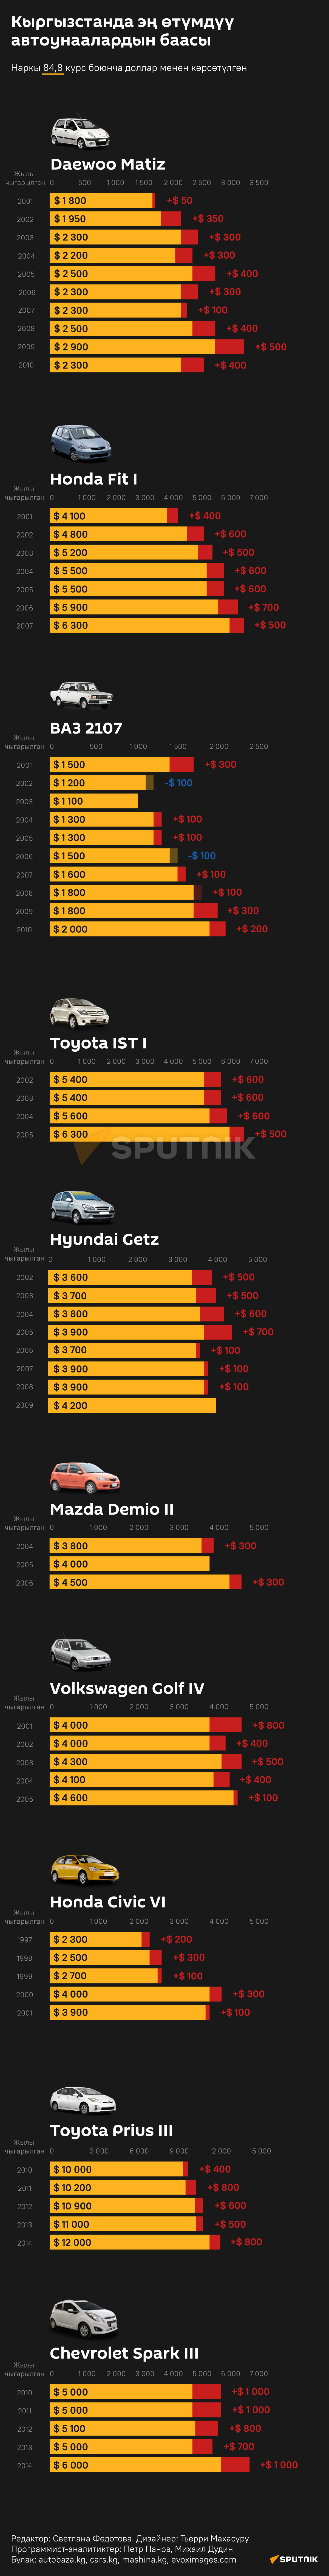 Кыргызстанда эң өтүмдүү  автоунаалардын баасы